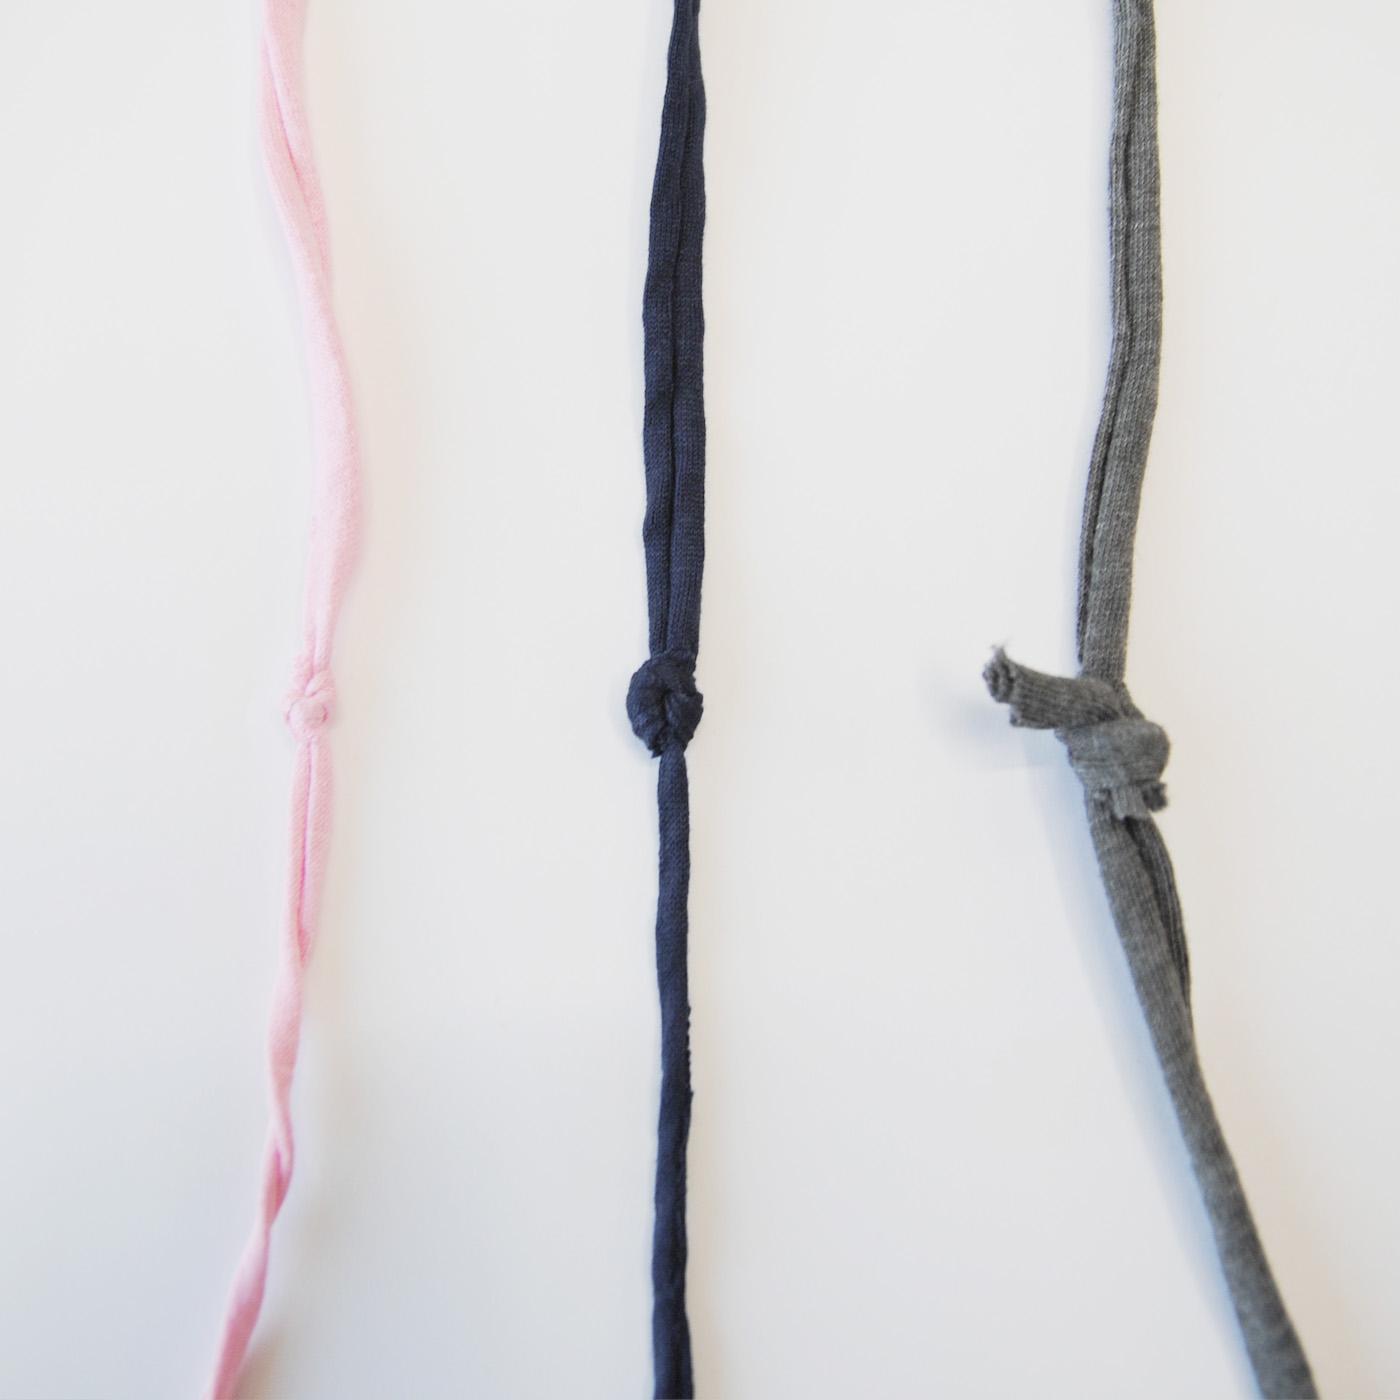 【注意事項】ひと玉の中には糸のつなぎ目(結び目)が複数個所出てくる場合があります。